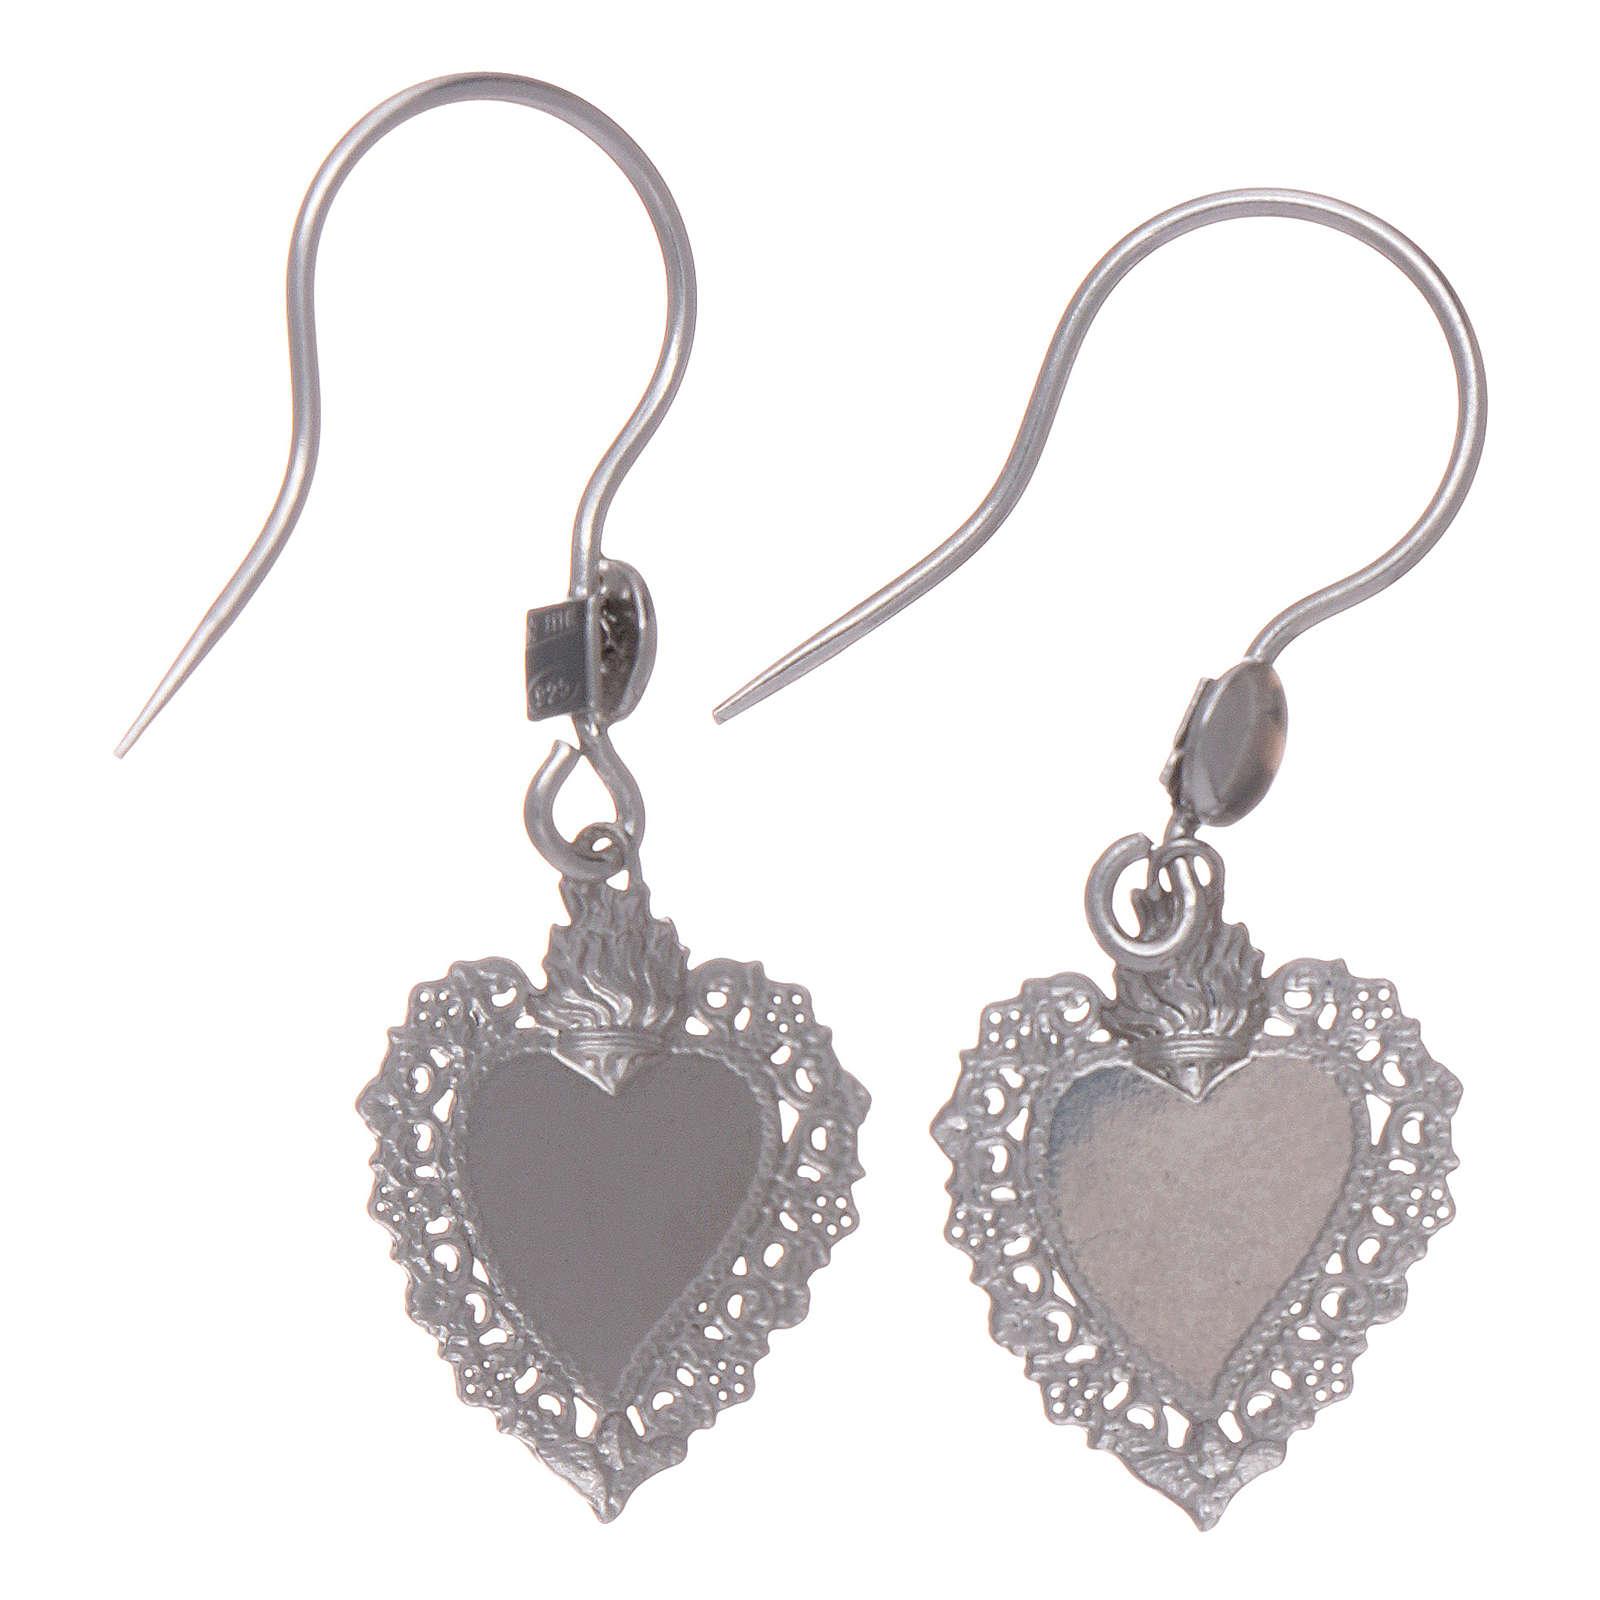 Earrings in 925 sterling silver with votive heart 4